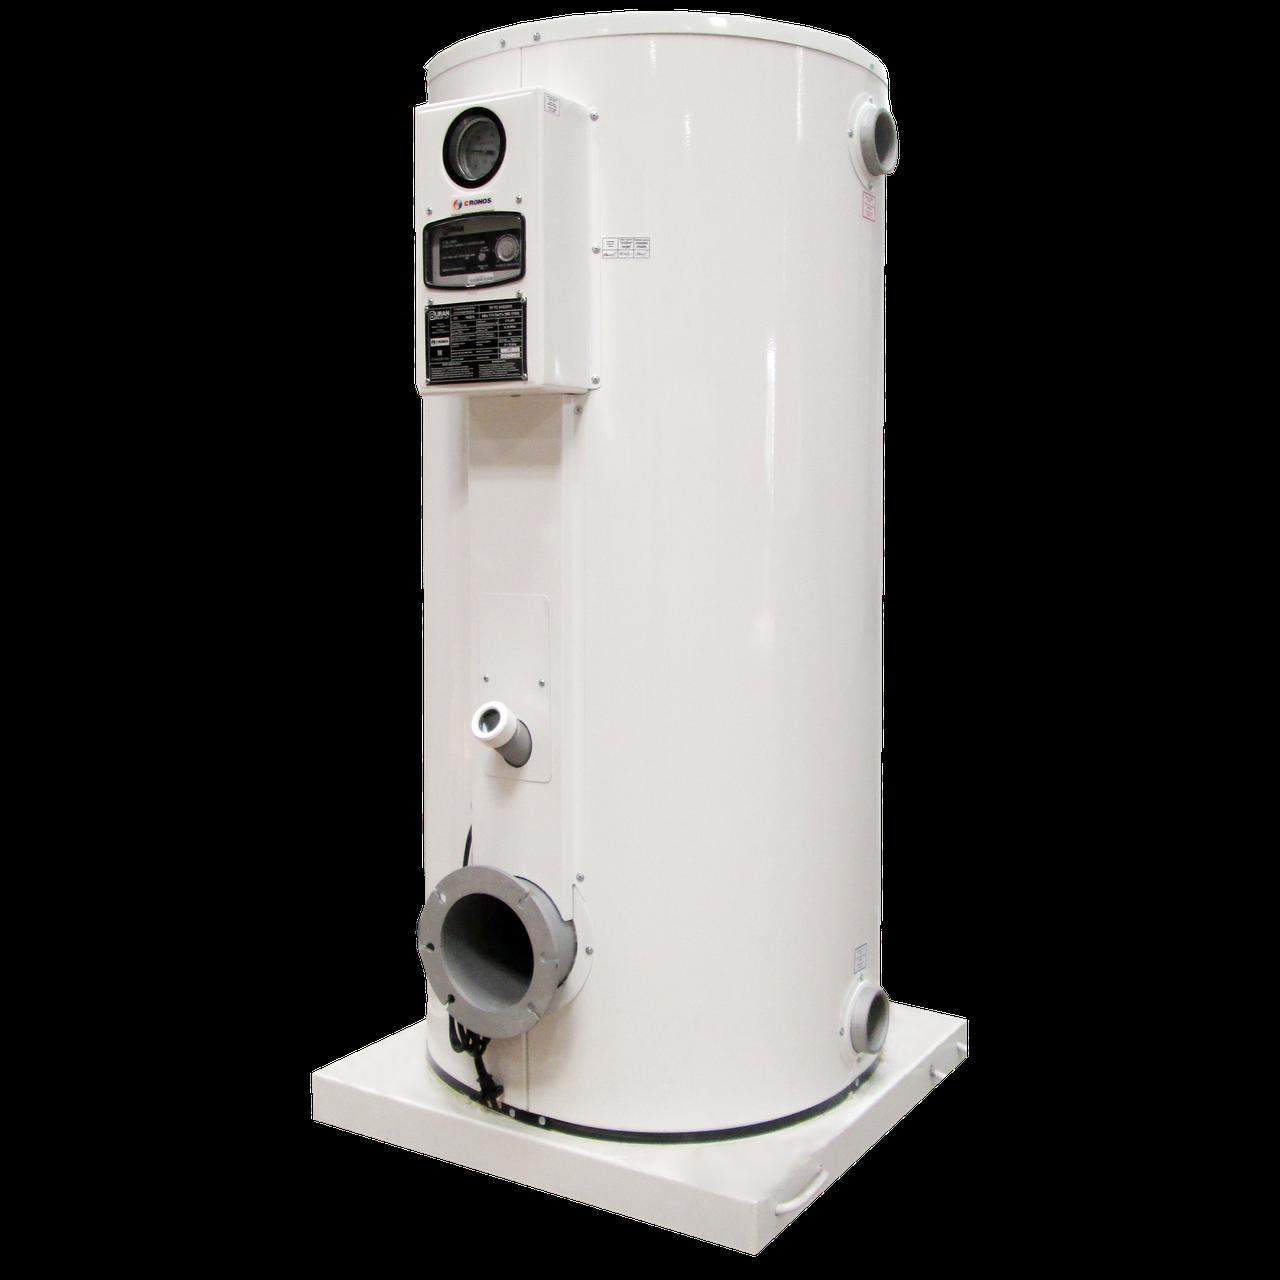 Котёл газовый Cronos BB-4035 (465кВт) для отопления и ГВС